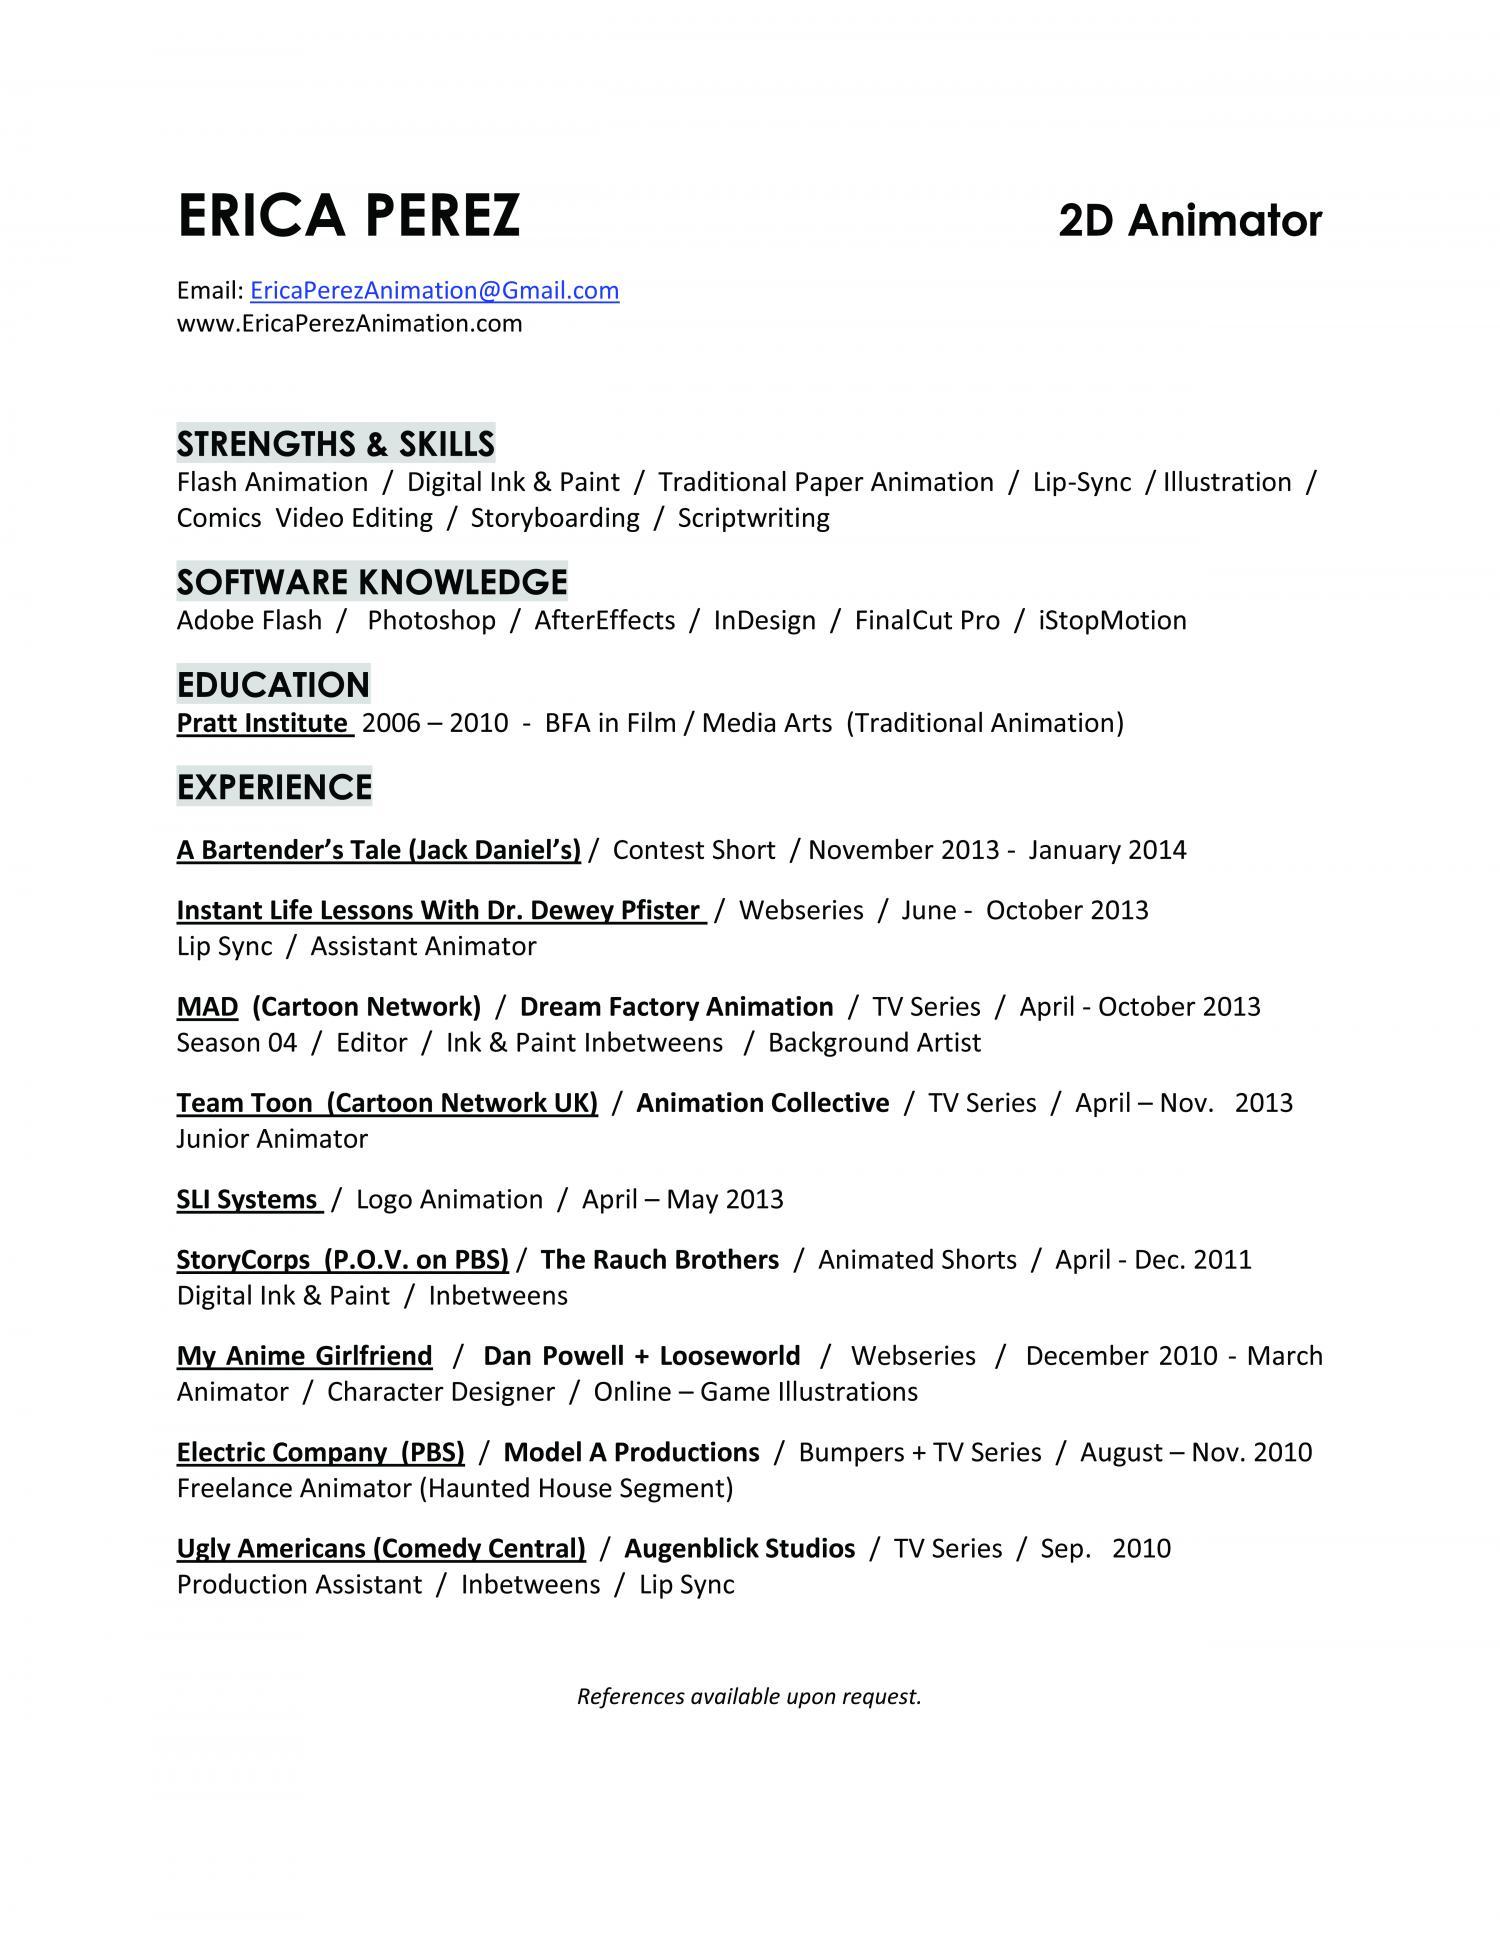 Short Resume  Animation Resume